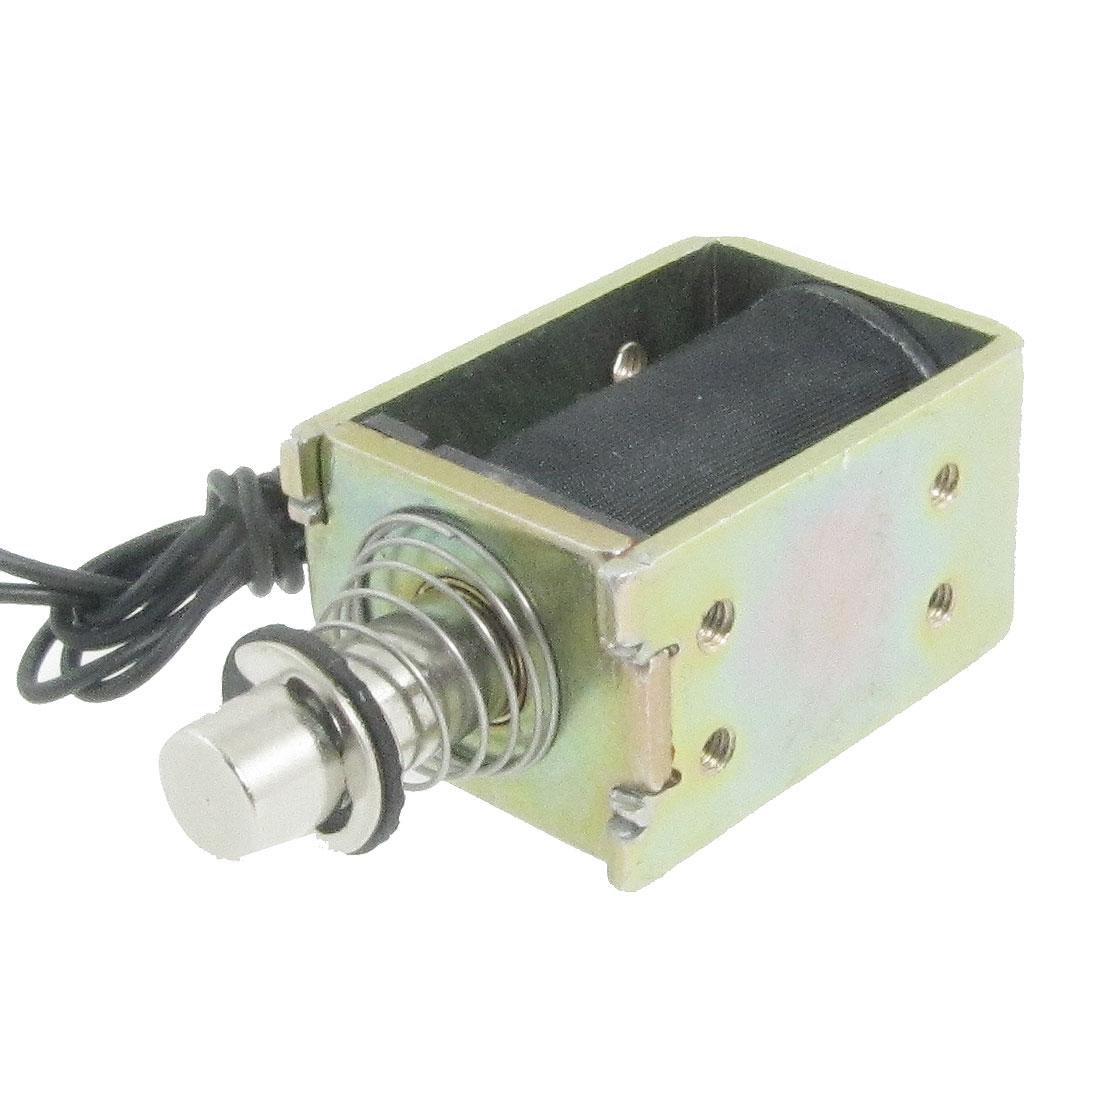 DC 24V 5W 0.21A Push Type Open Frame 3mm 0.4Kg Solenoid Electromagnet